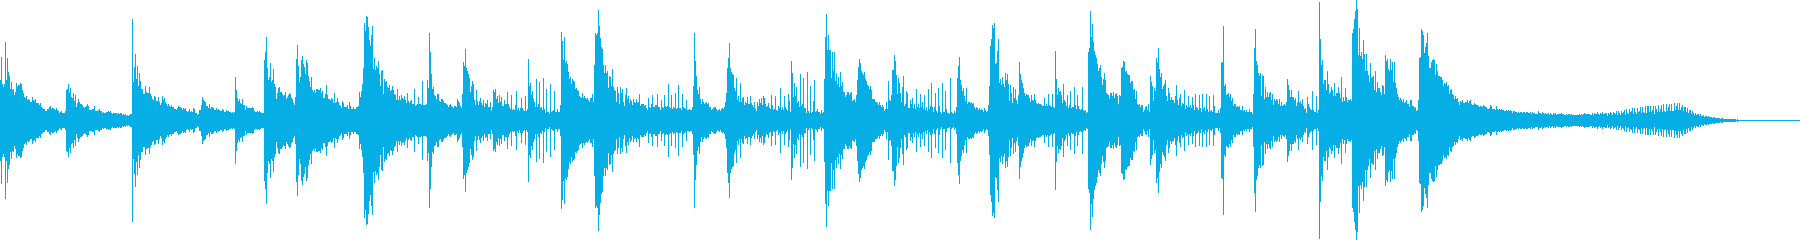 サンドアンドサン、ミディアムテンポ...の再生済みの波形